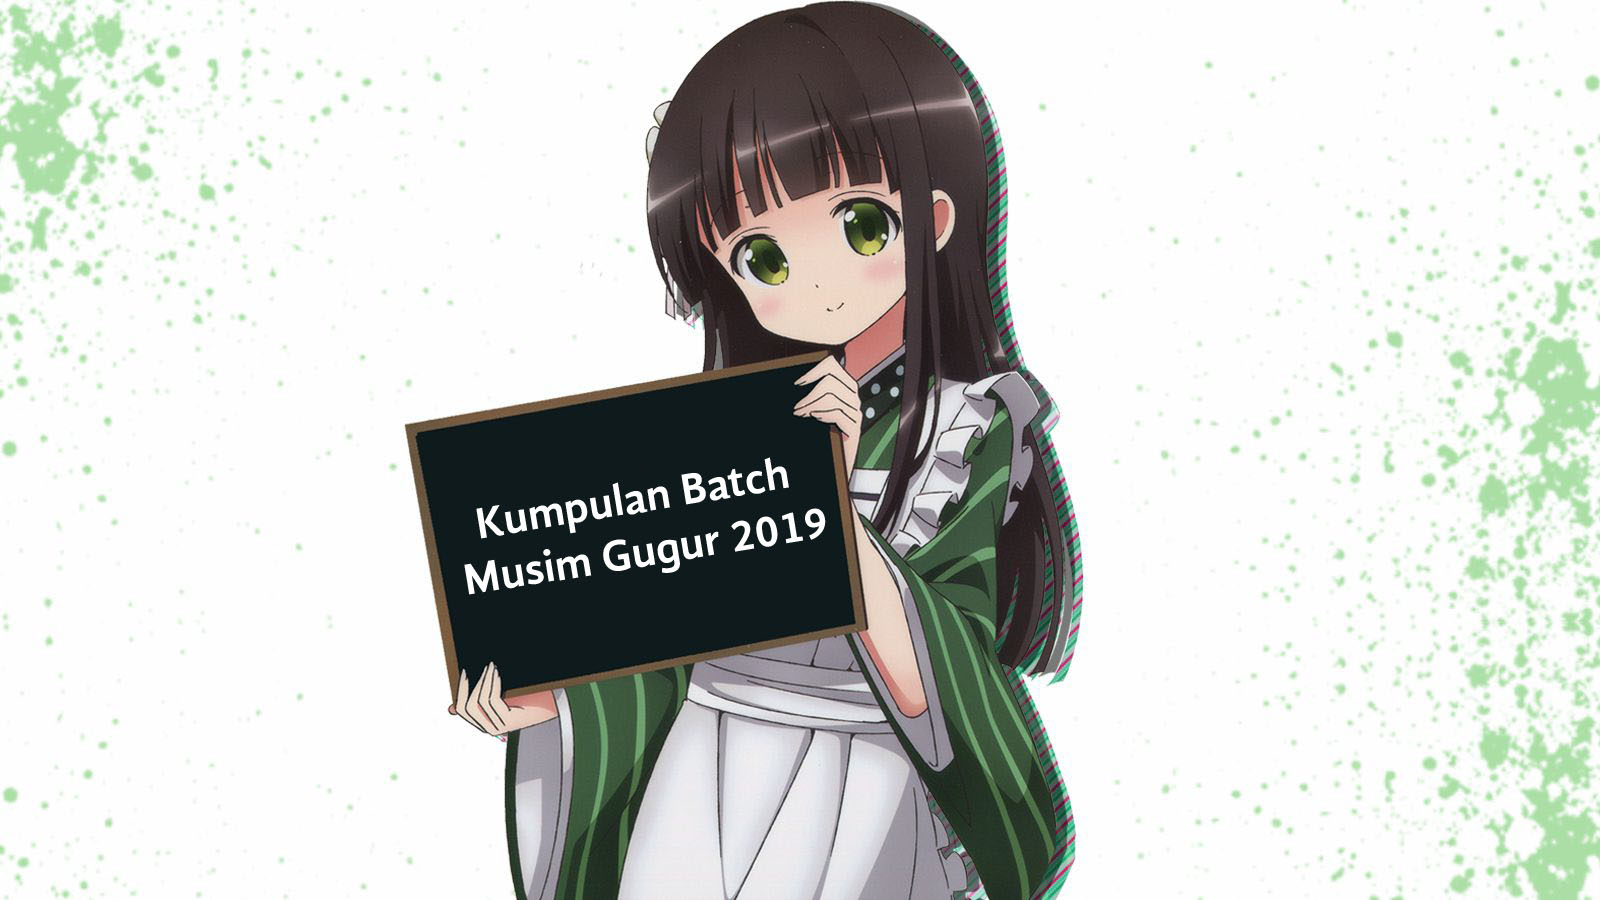 Kumpulan Batch Proyek Musim Gugur 2019